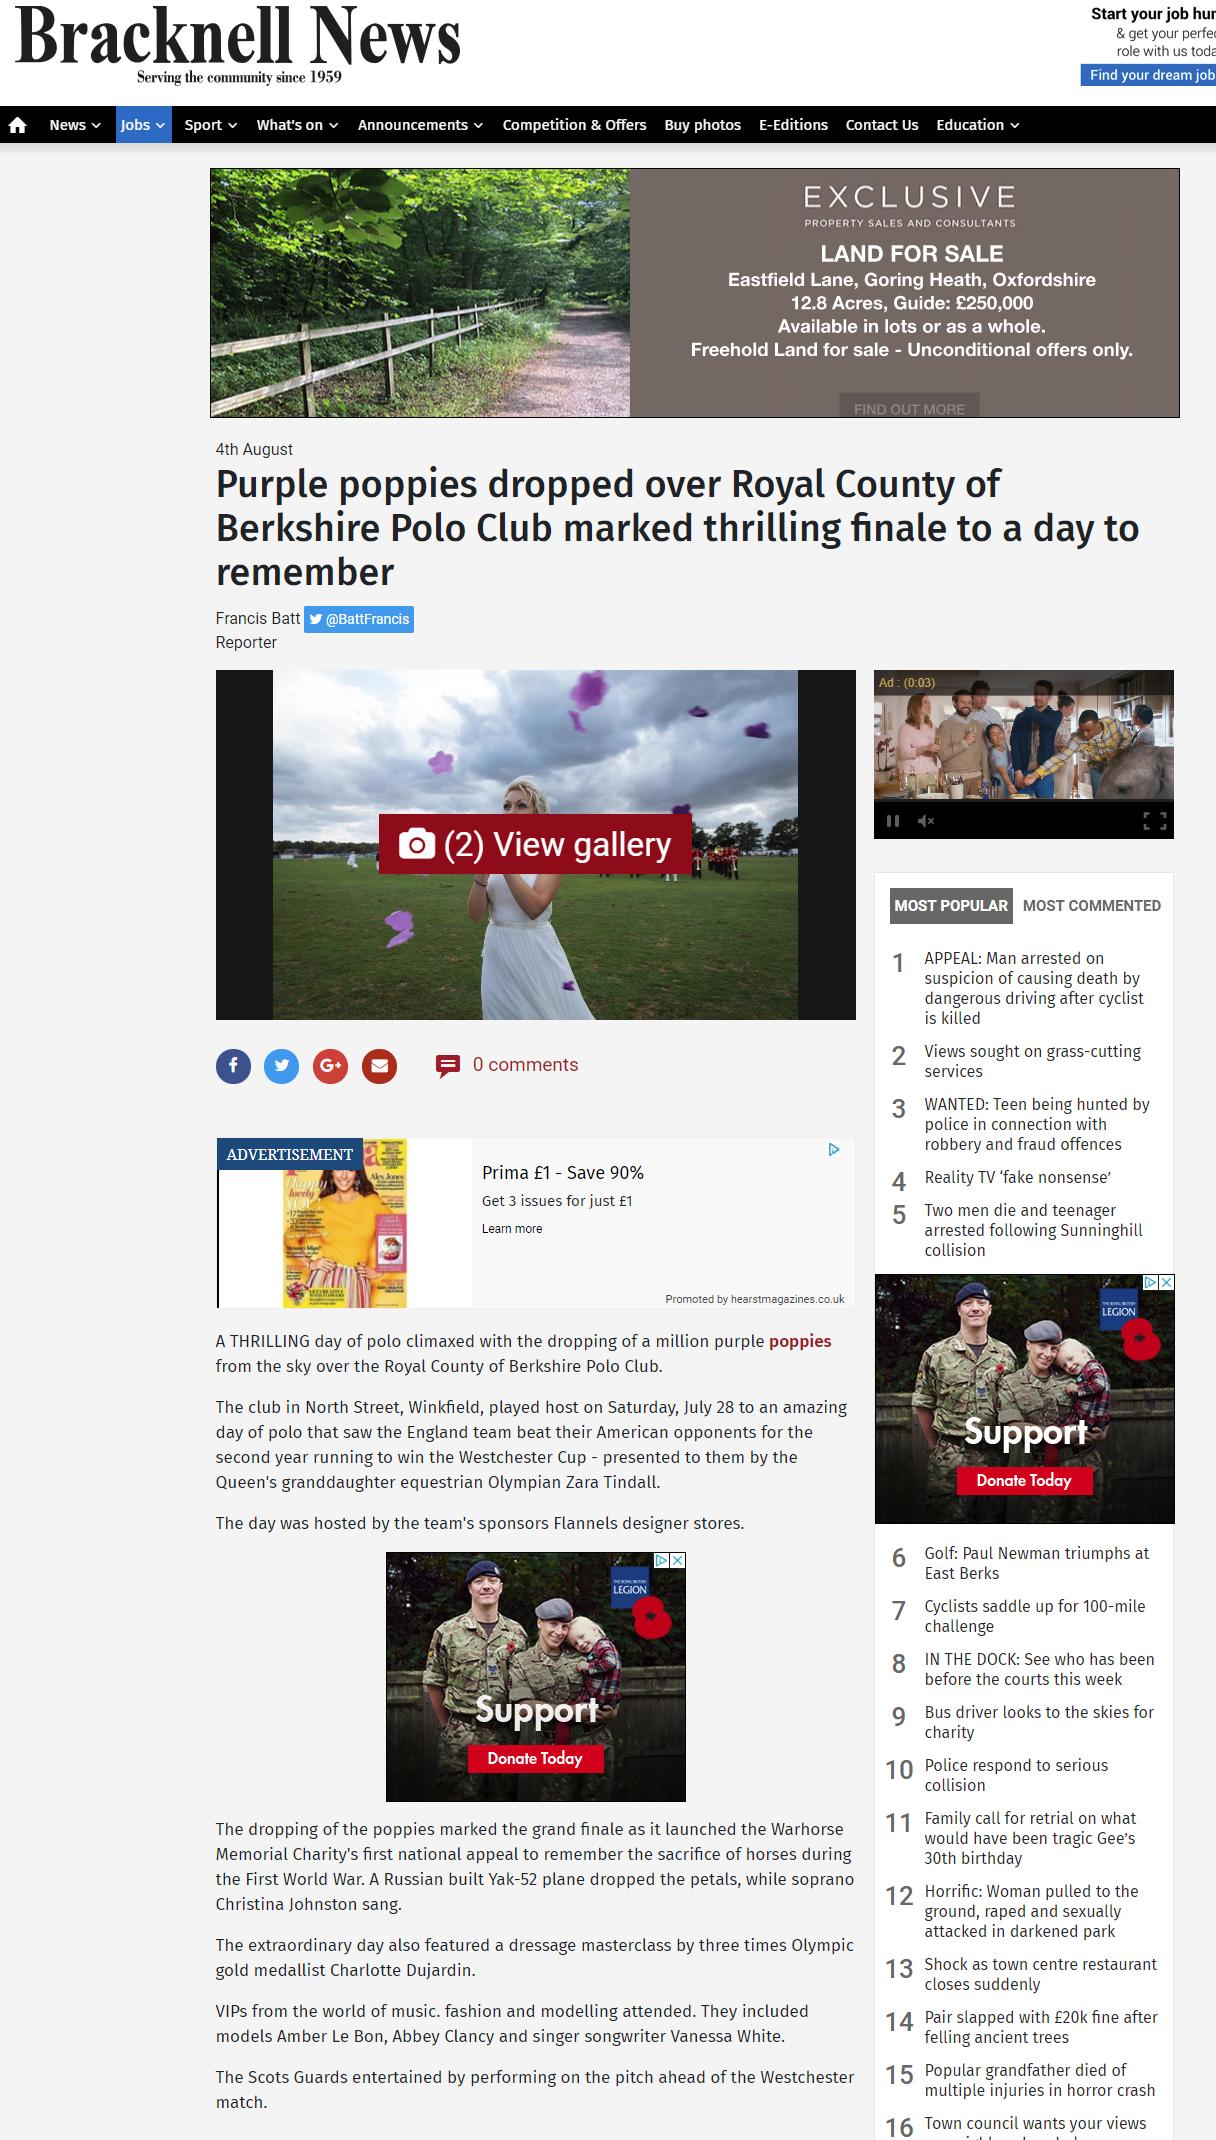 BracknellNews_July18.png